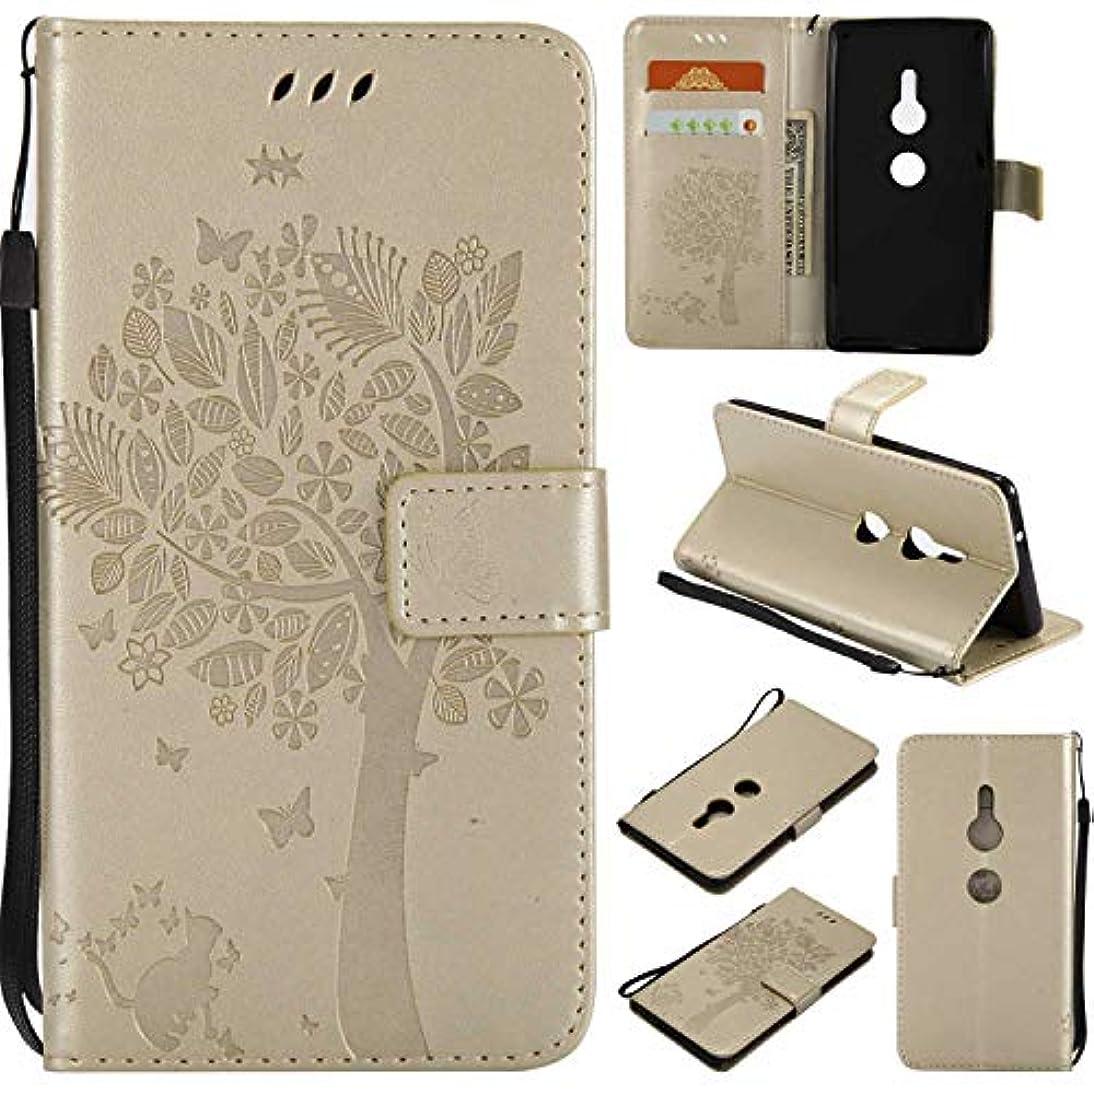 土曜日チロ段階OMATENTI Sony Xperia XZ2 ケース 手帳型ケース ウォレット型 カード収納 ストラップ付き 高級感PUレザー 押し花木柄 落下防止 財布型 カバー Sony Xperia XZ2 用 Case Cover, 白